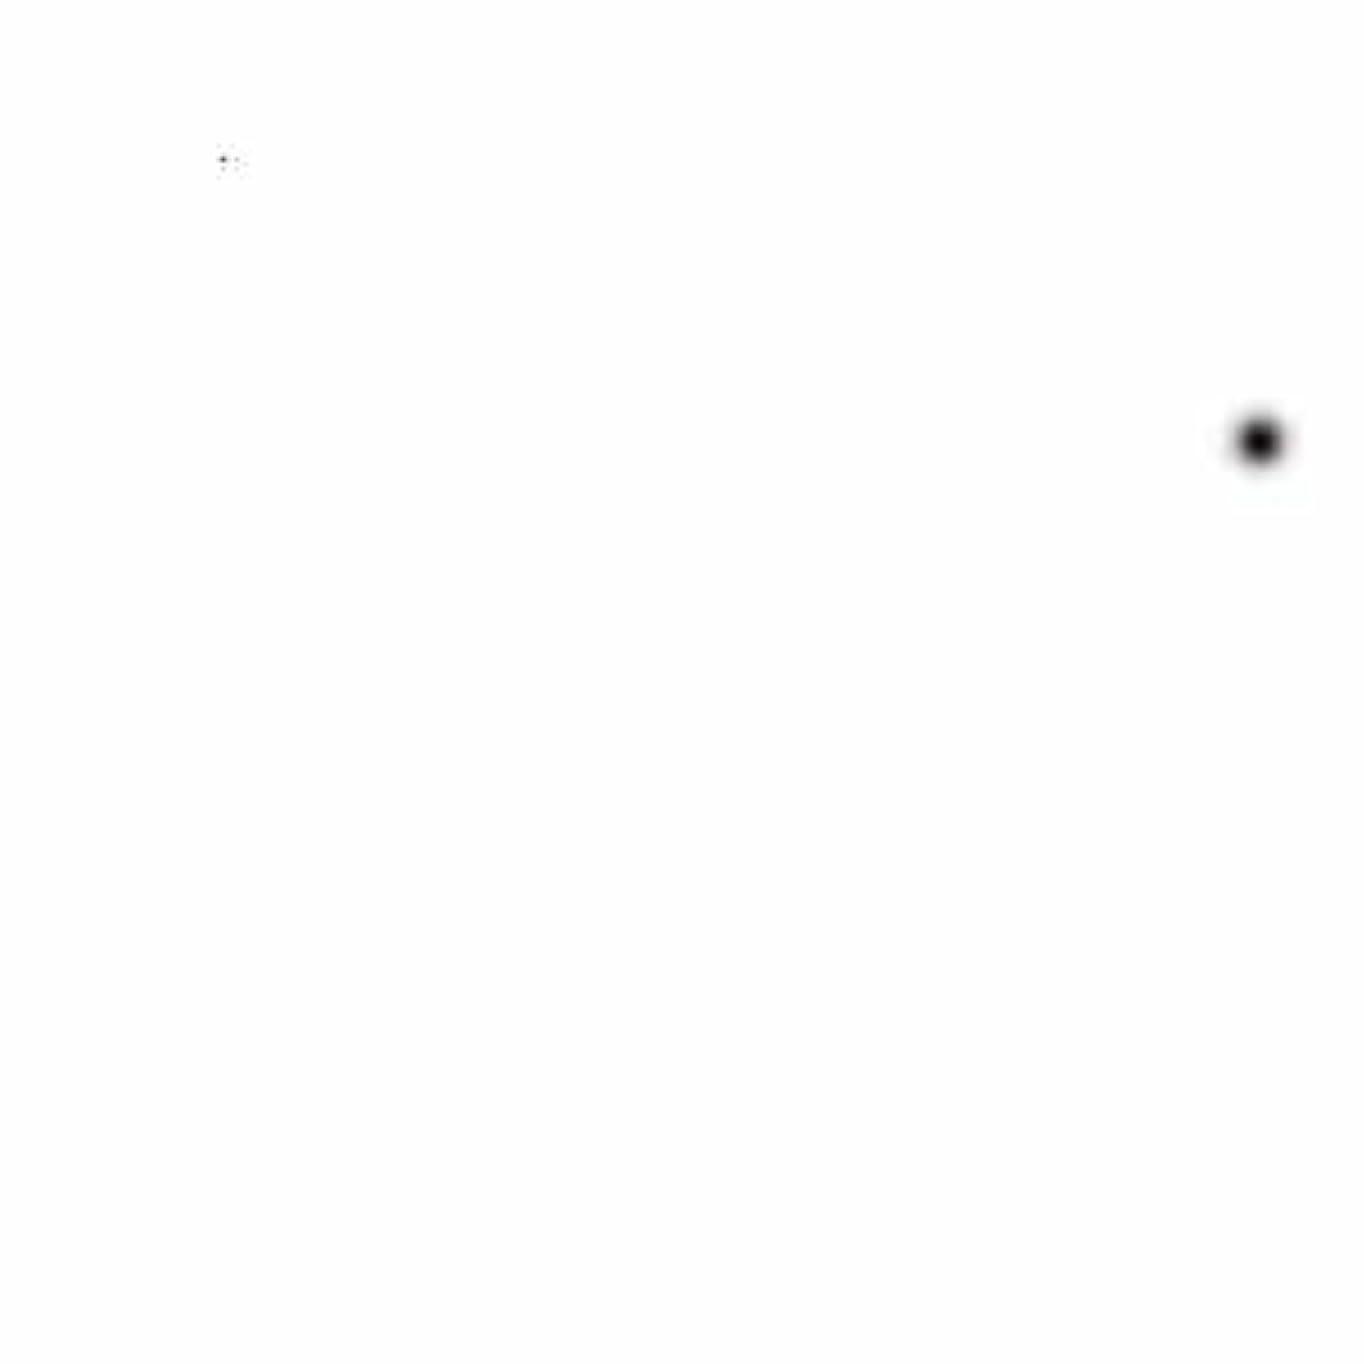 特派員構築する有料オールドスパイス Swagger ボディーウォッシュ 2個セット [並行輸入品]